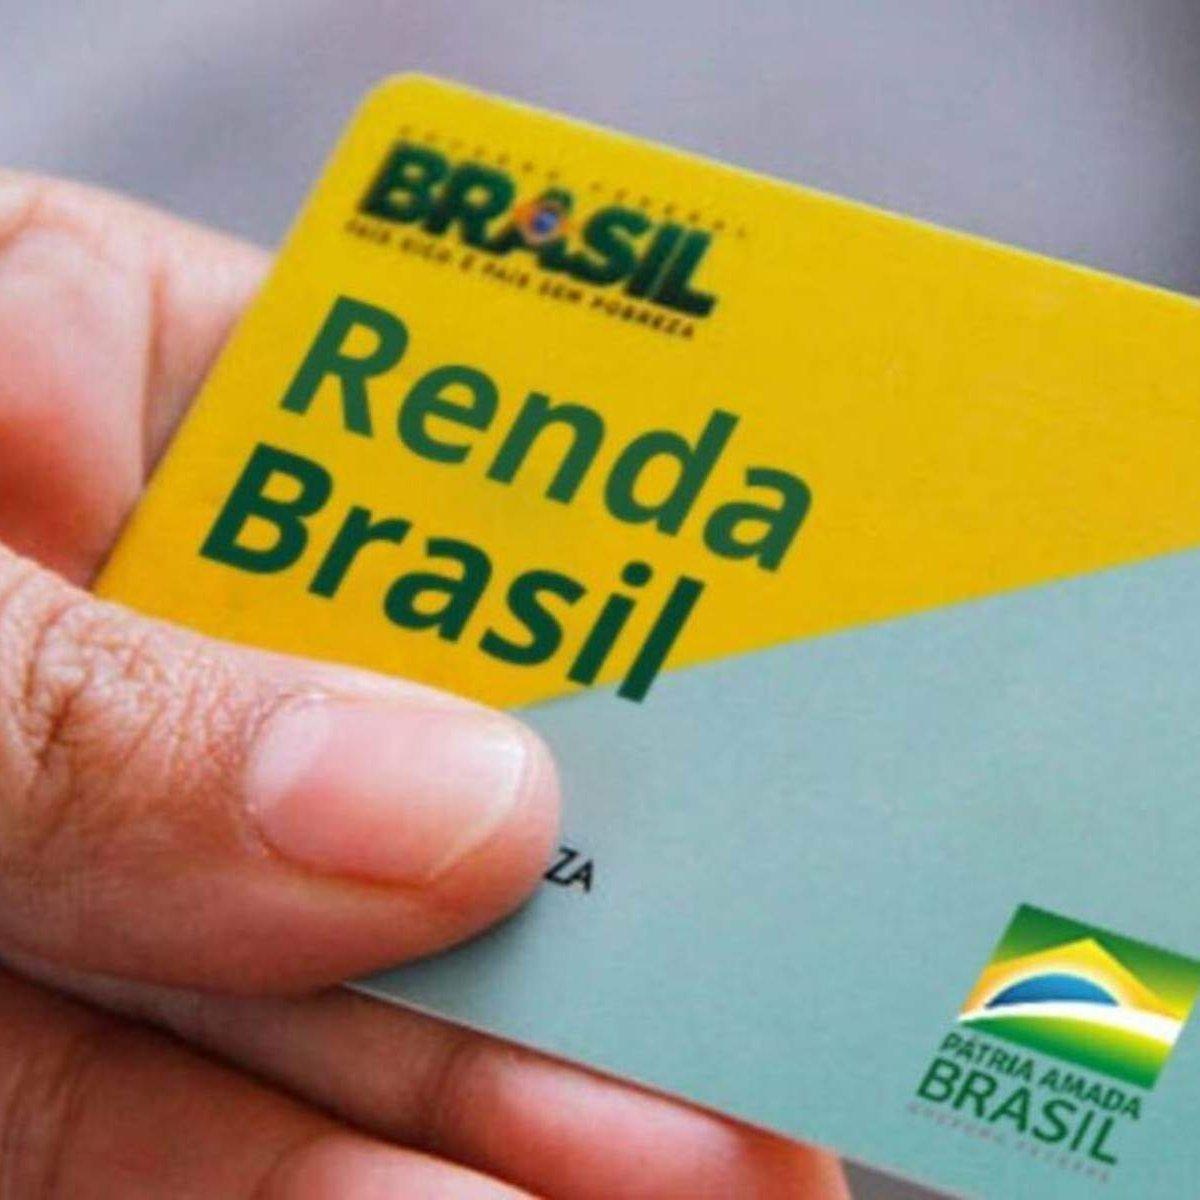 Renda Brasil: Governo divulga valor do benefício